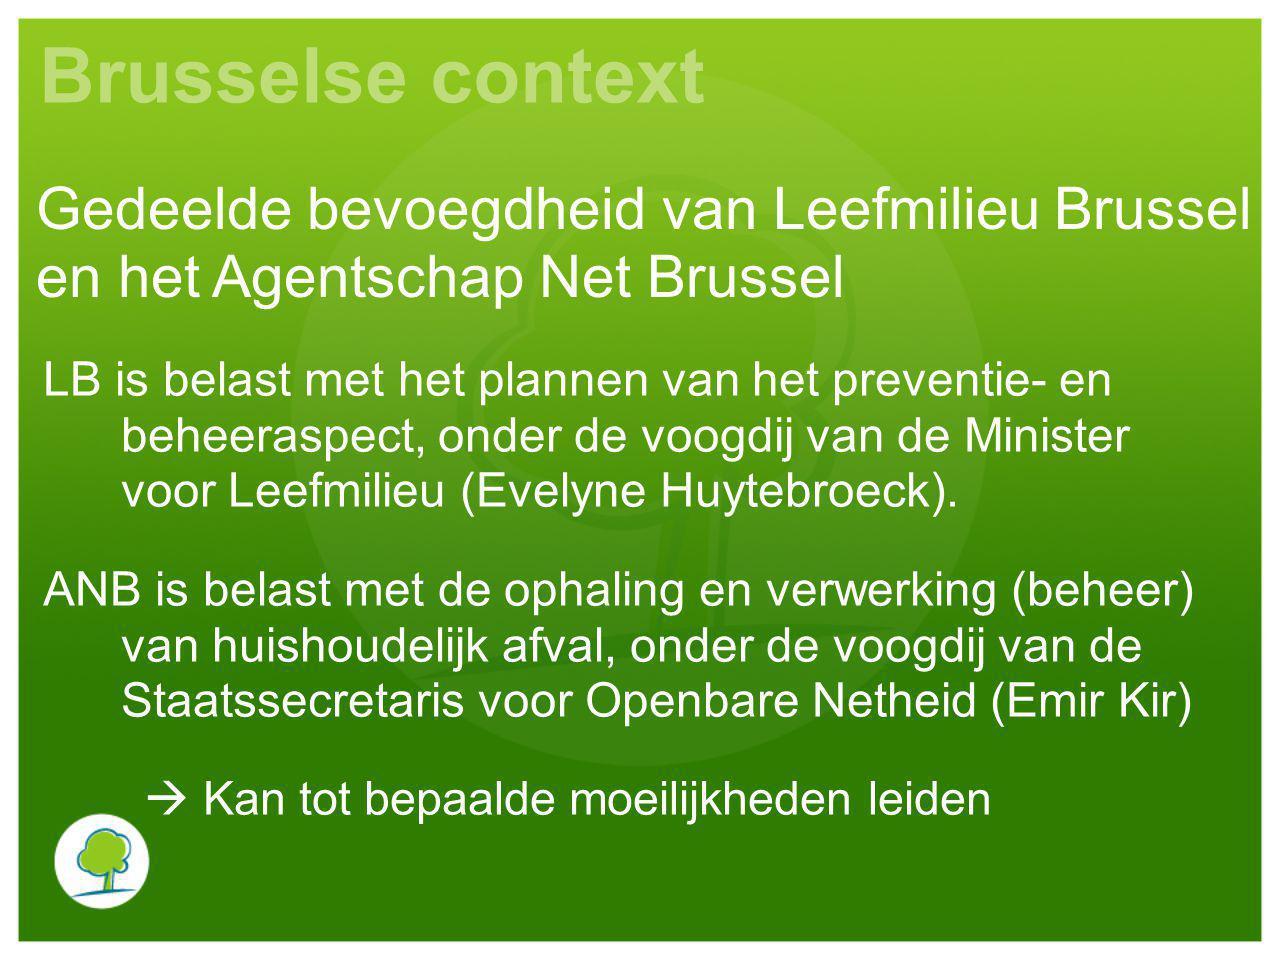 Brusselse context LB is belast met het plannen van het preventie- en beheeraspect, onder de voogdij van de Minister voor Leefmilieu (Evelyne Huytebroeck).